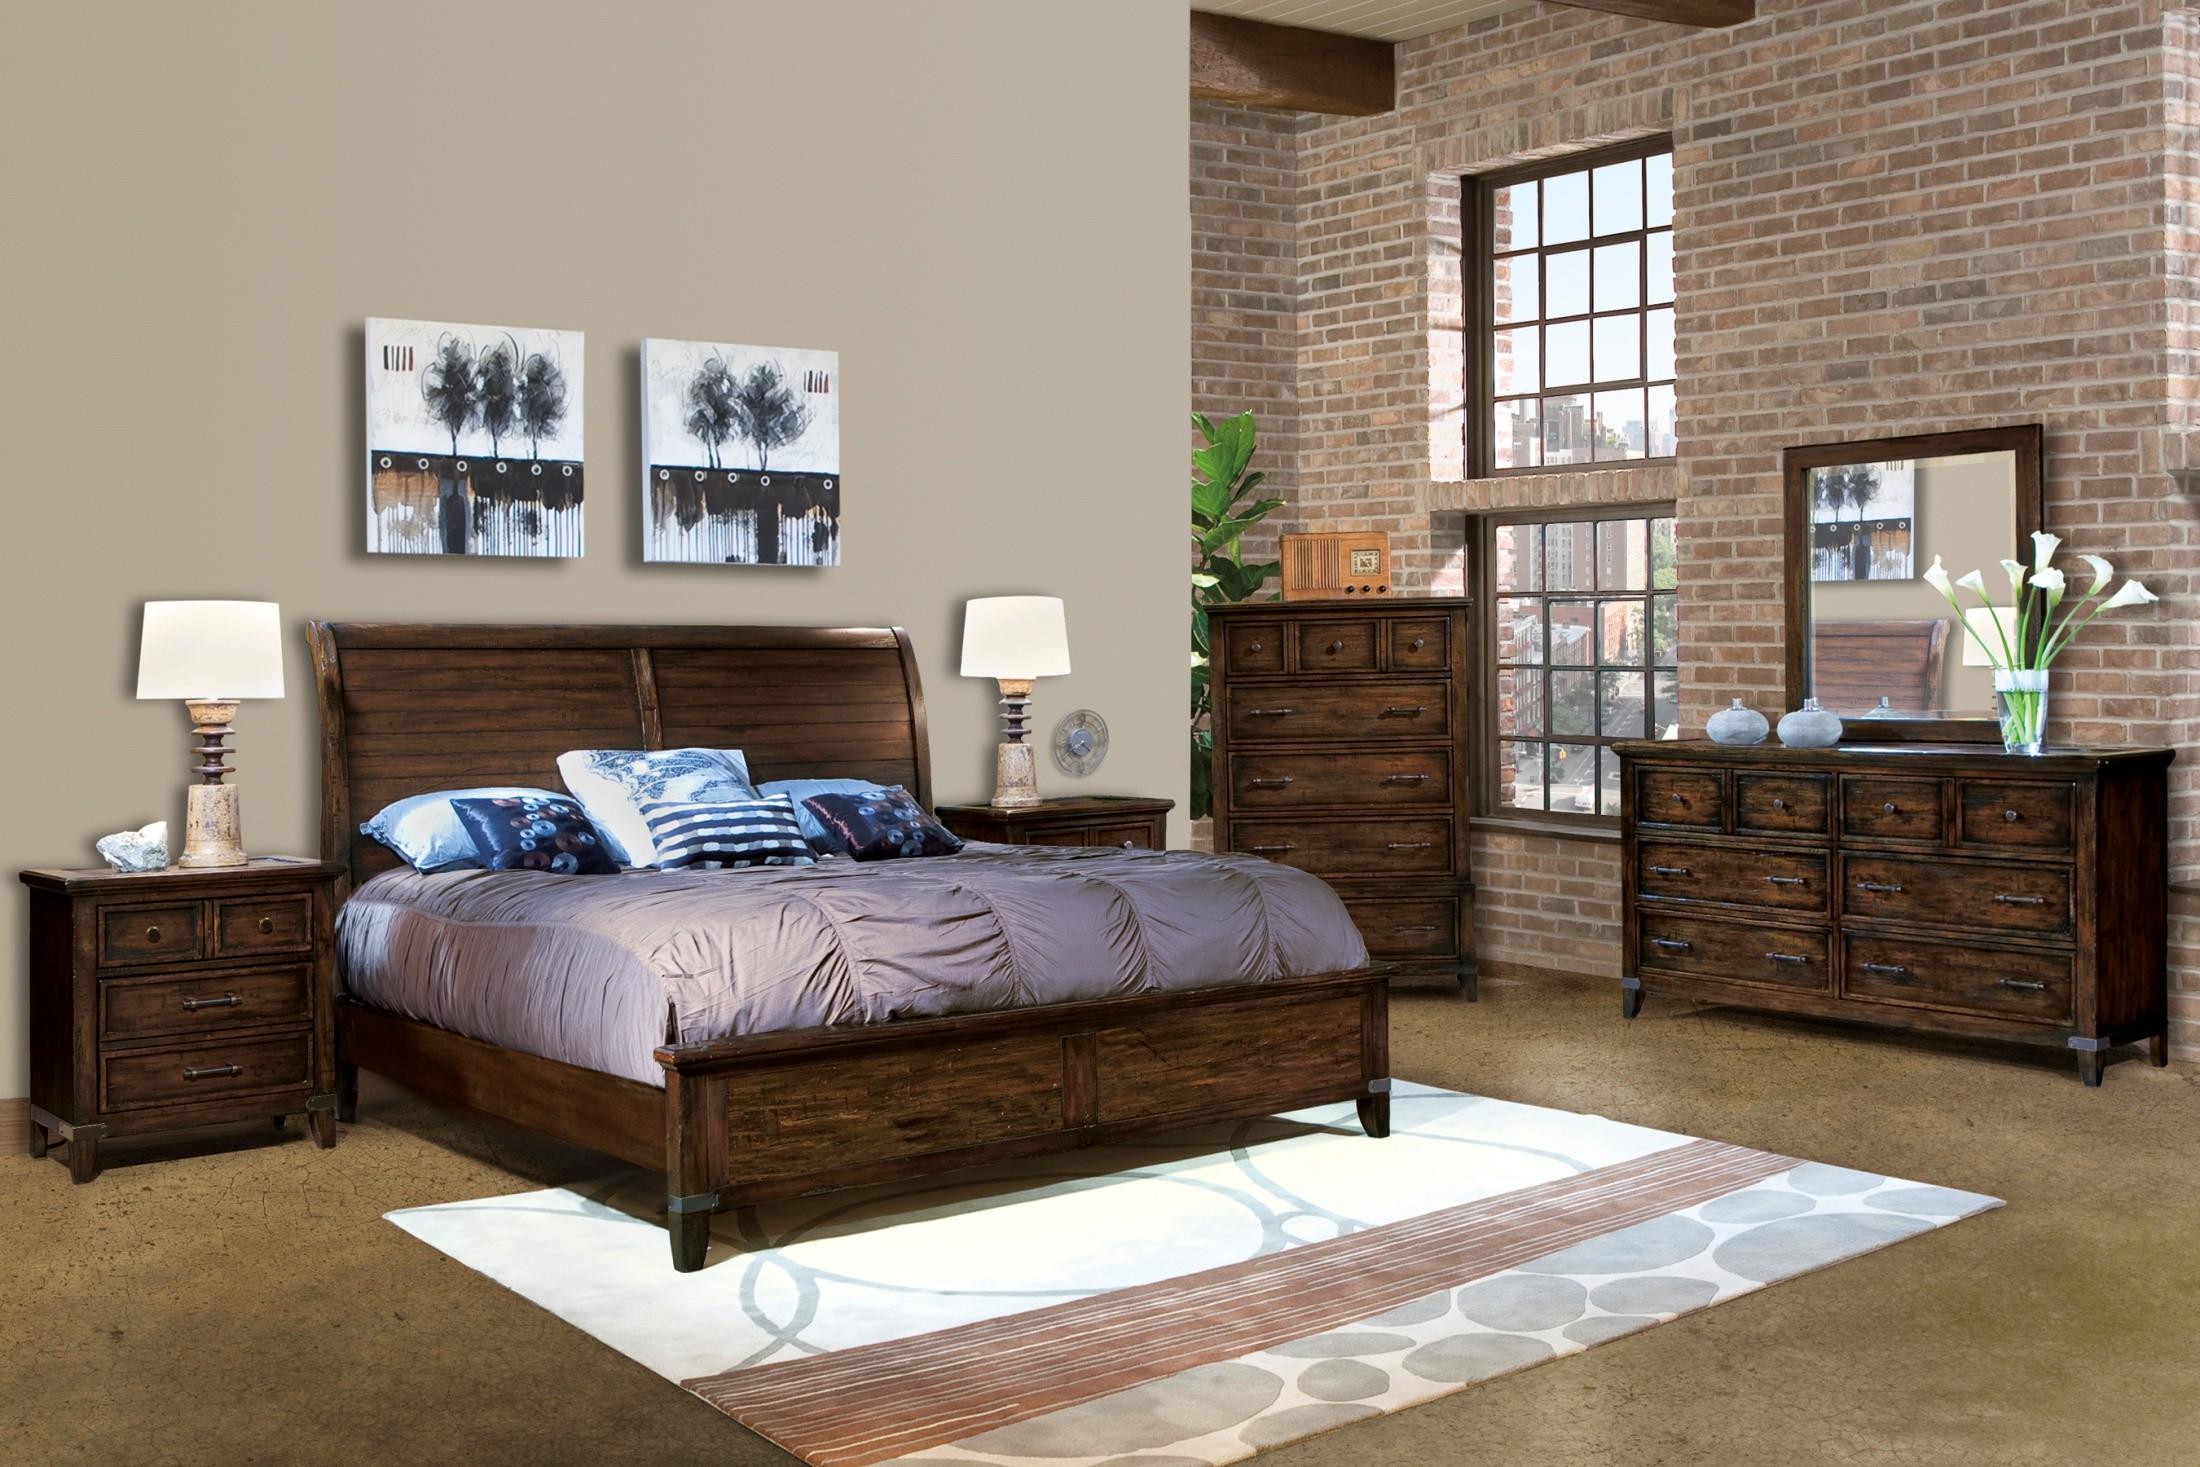 Harbor Springs Rustic Hardwood Sleigh Bedroom Set From